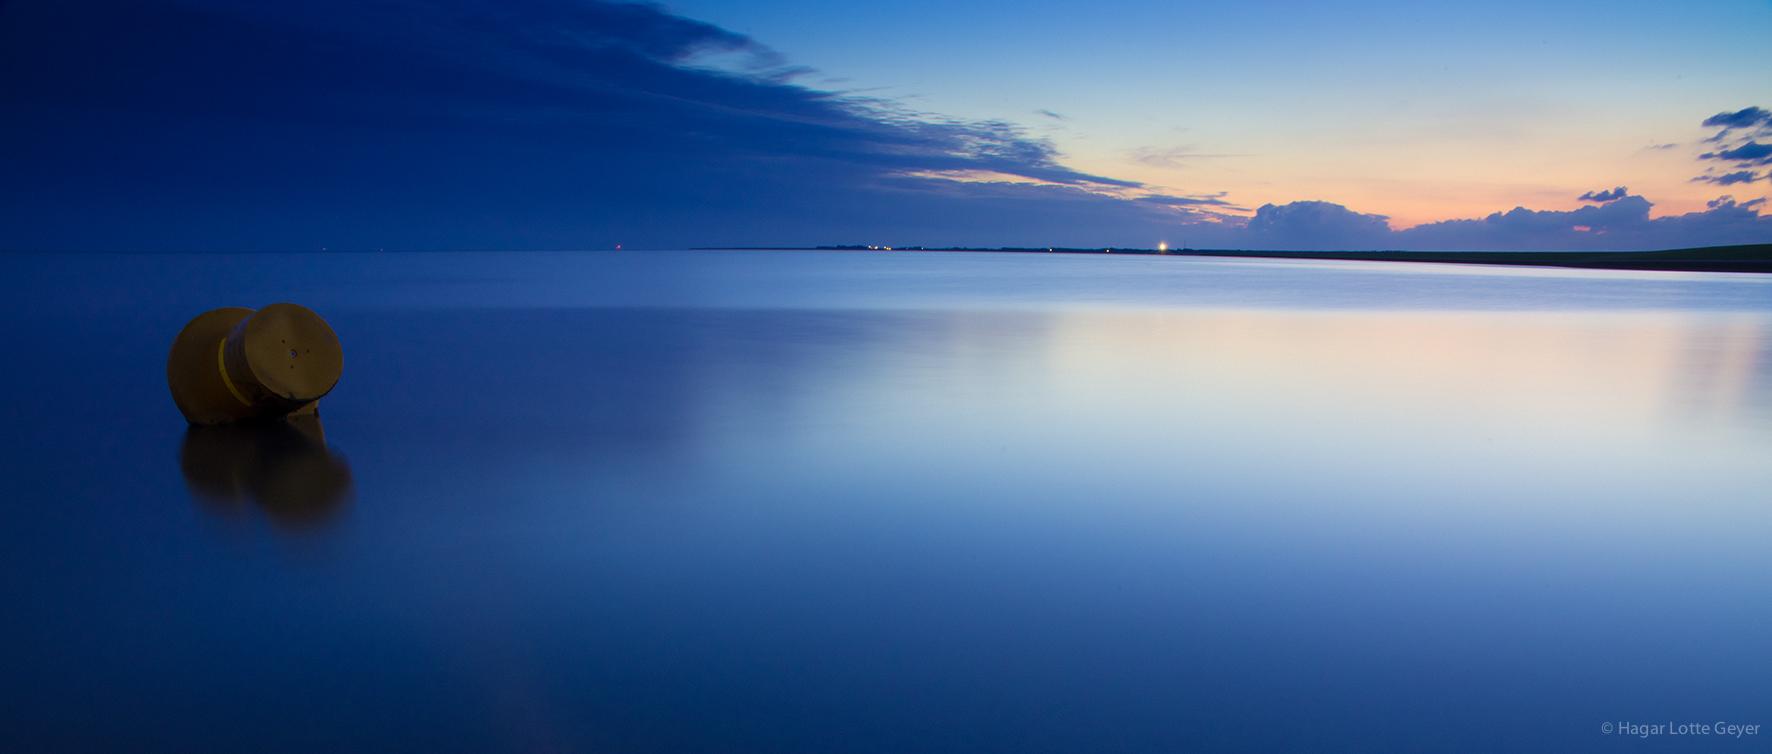 Boje am Strand von Ameland (NL)